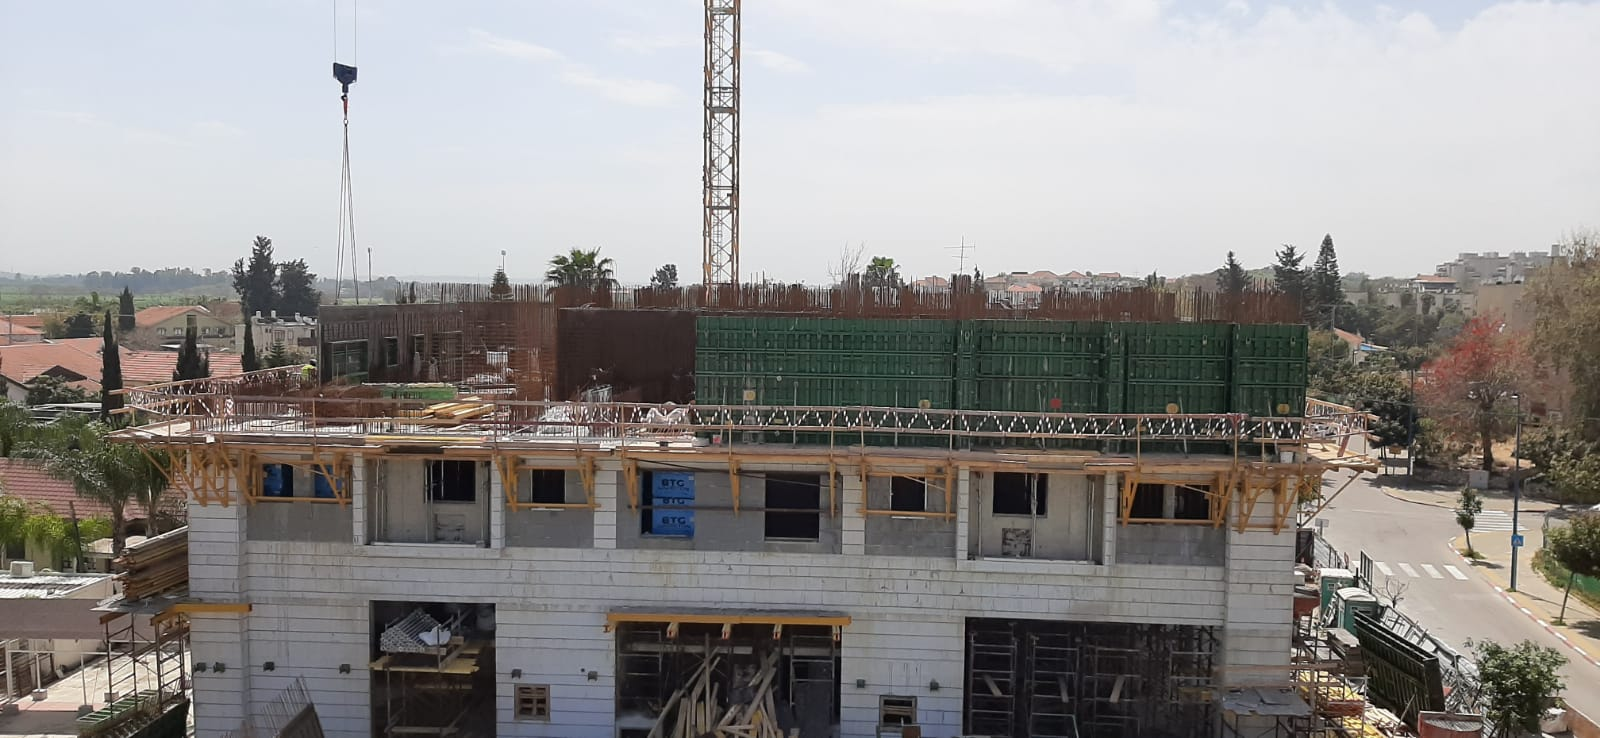 שלד: מגרש 102 רצפת קומה ג', מגרש 102 קירות קומה 2 מחיצות בלוקים קומות מחסנים |  גמר: טיח מרתפים חדרי מדרגות 26.03.2020